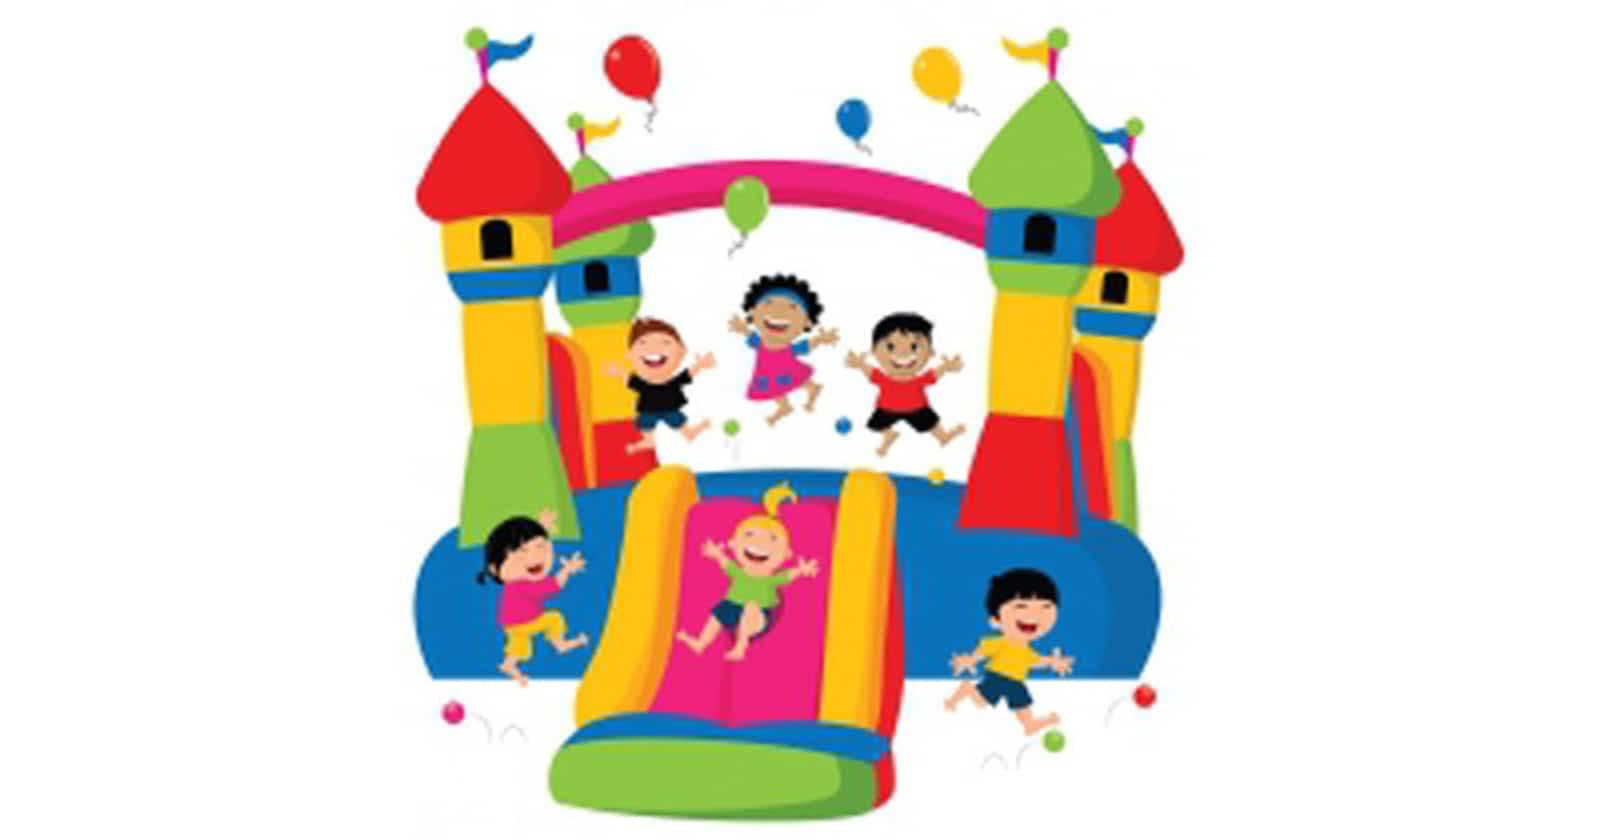 Bouncy House Clipart